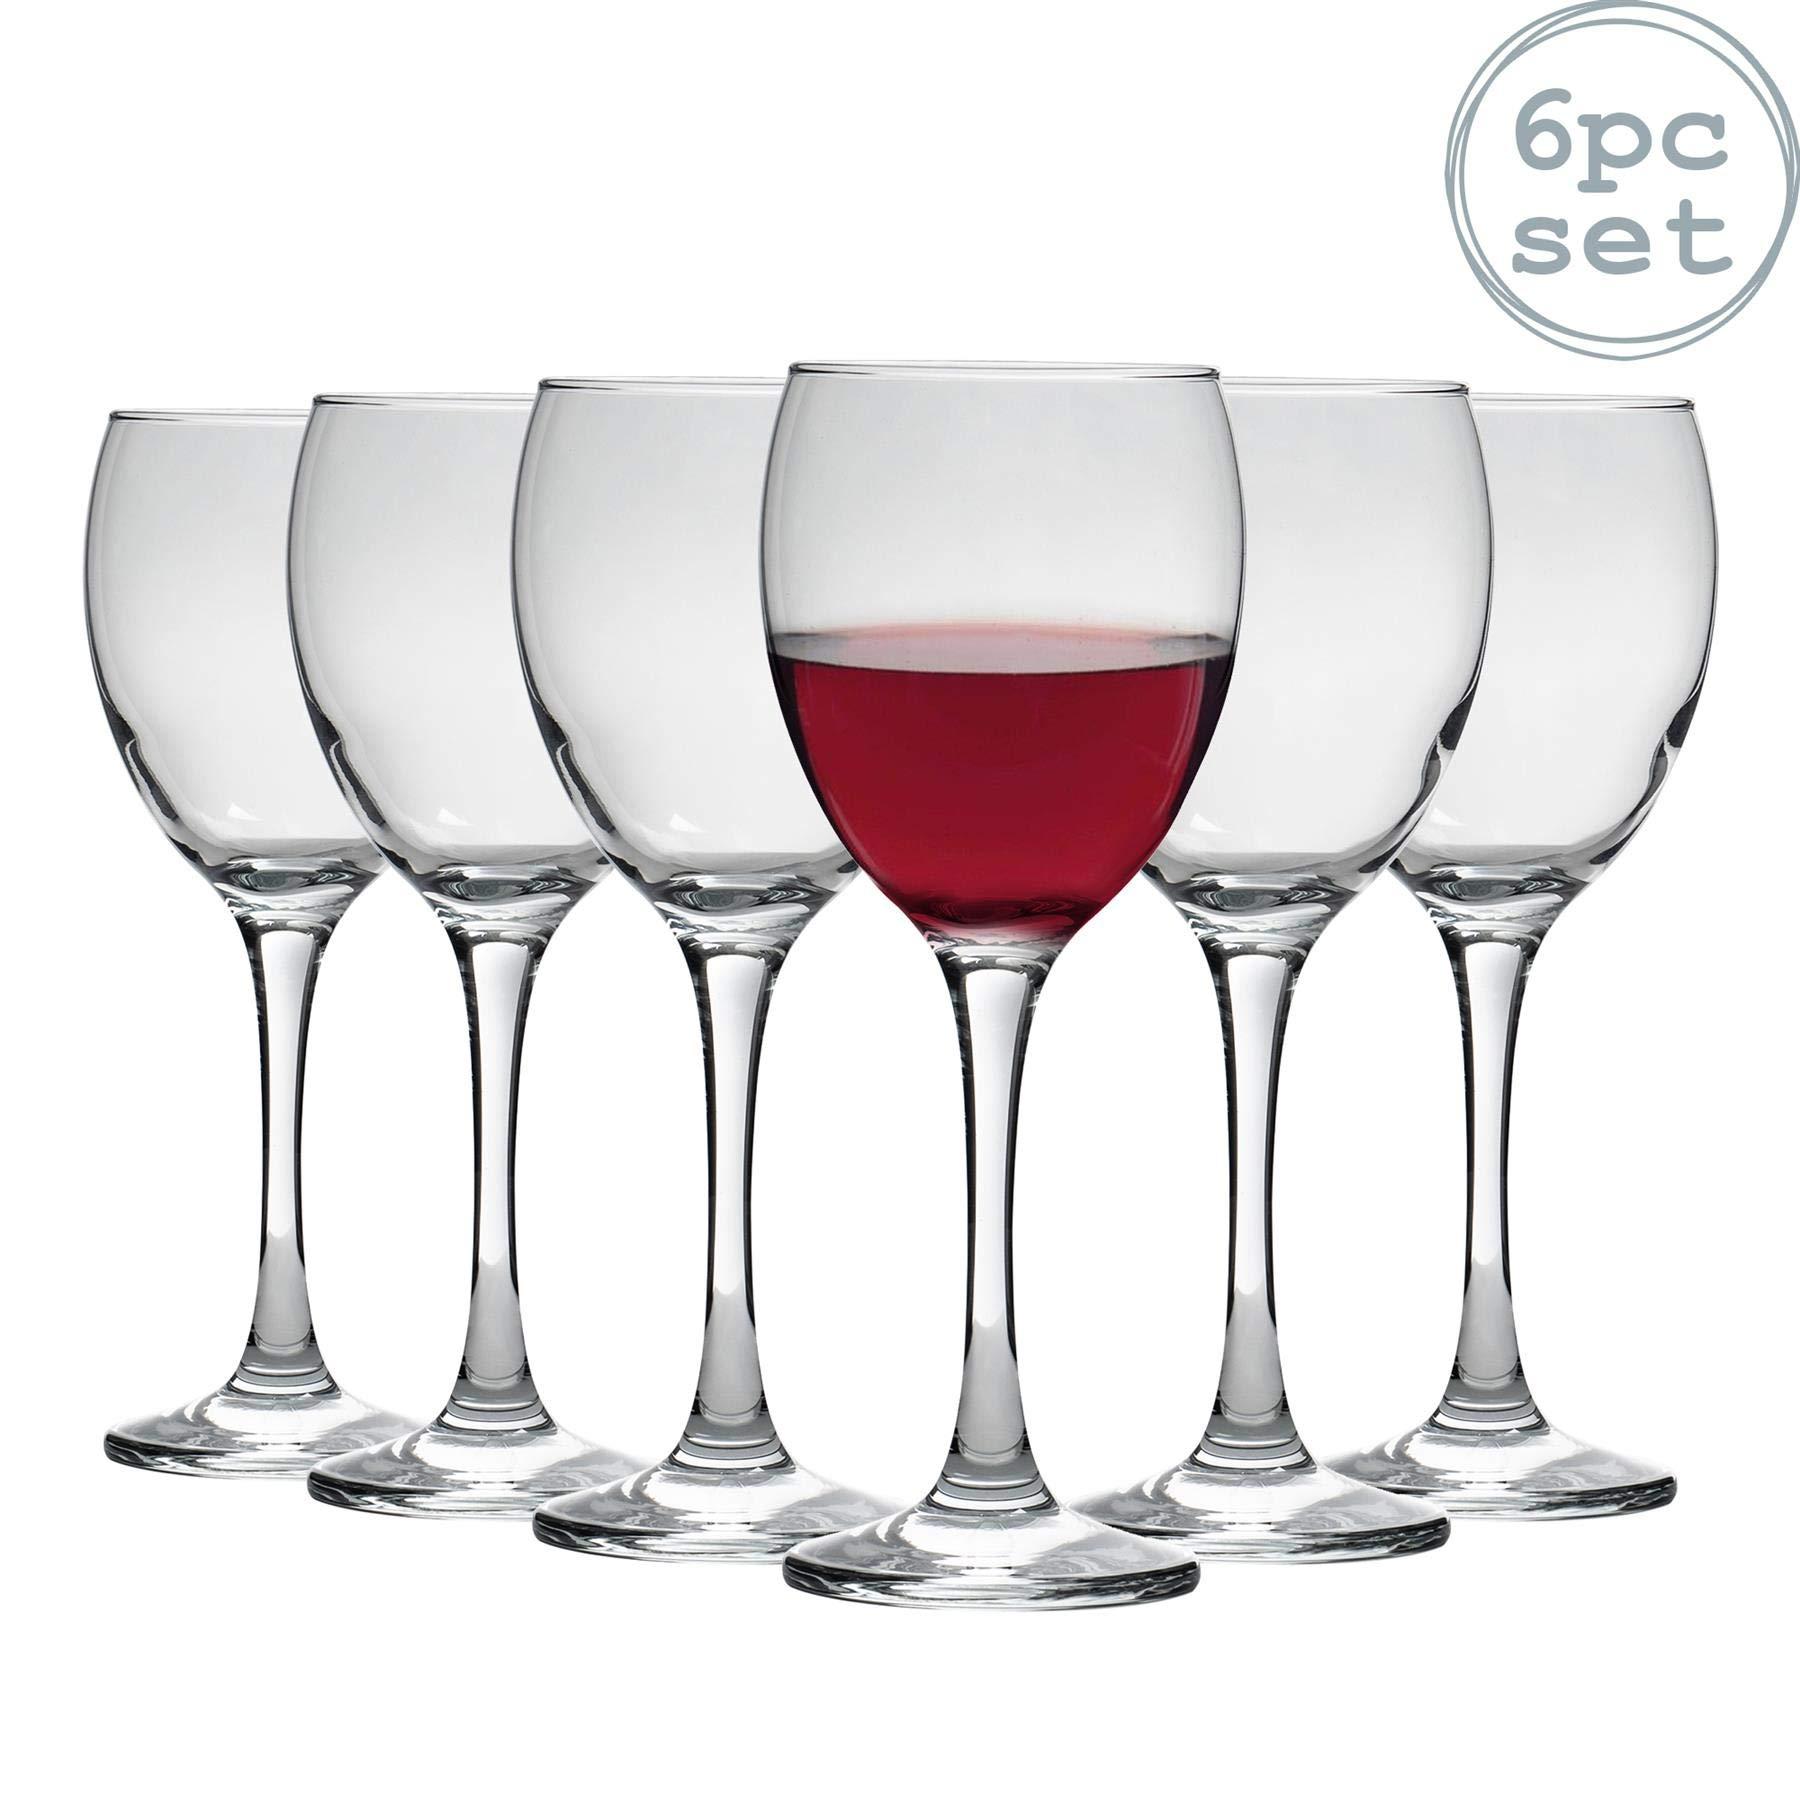 Argon Tableware Copas de Vino Tinto - En Caja Regalo - 340 ml - Pack de 6: Amazon.es: Hogar